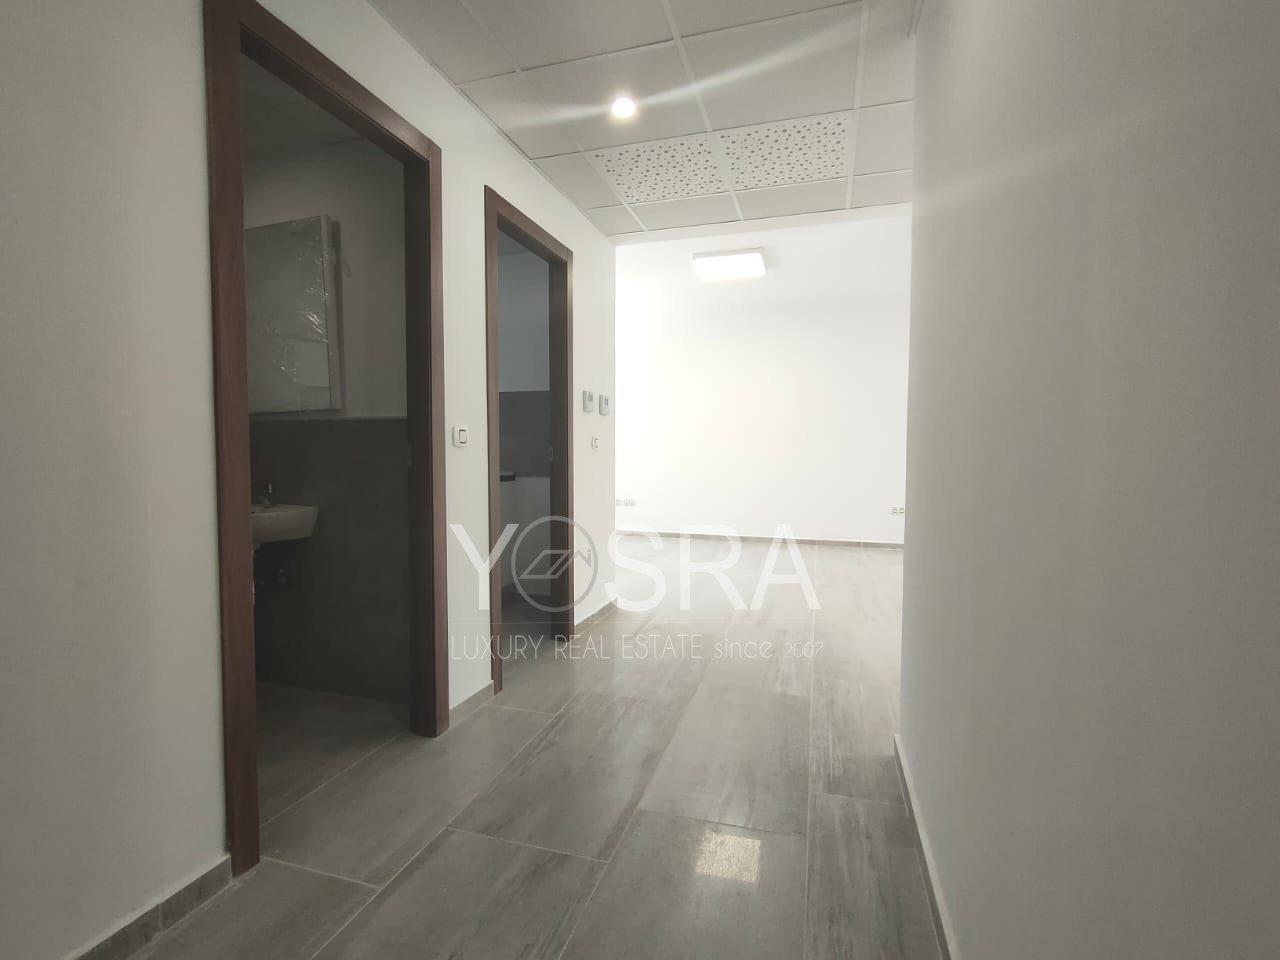 Etage de bureau 395m² au Lac 2